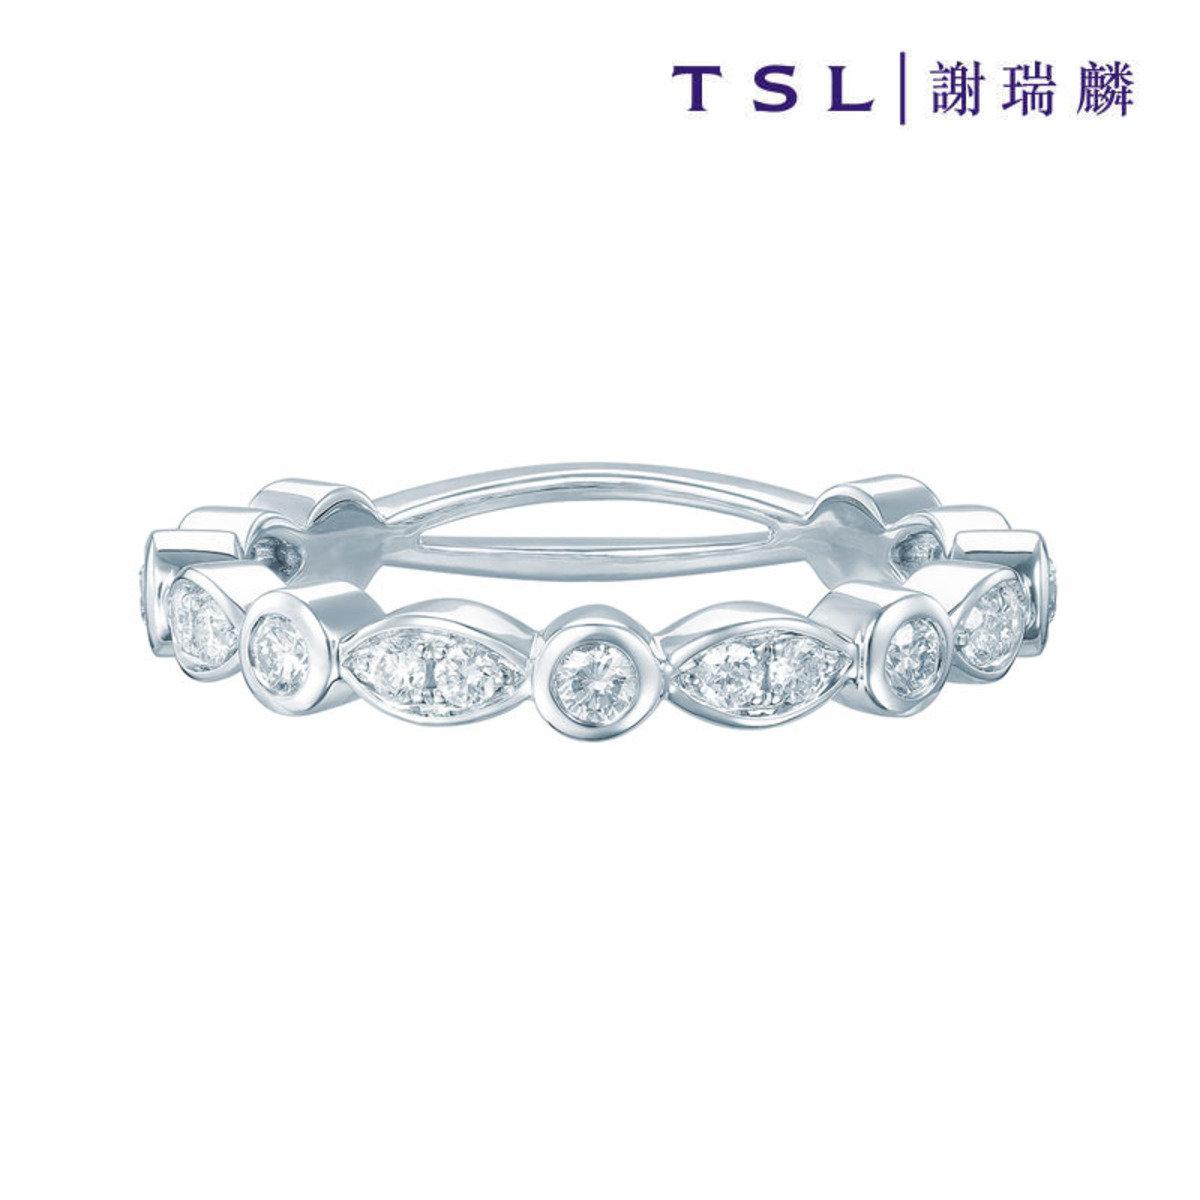 [指語 - 經典系列] 750/18K白色黃金鑲天然鑽石戒指